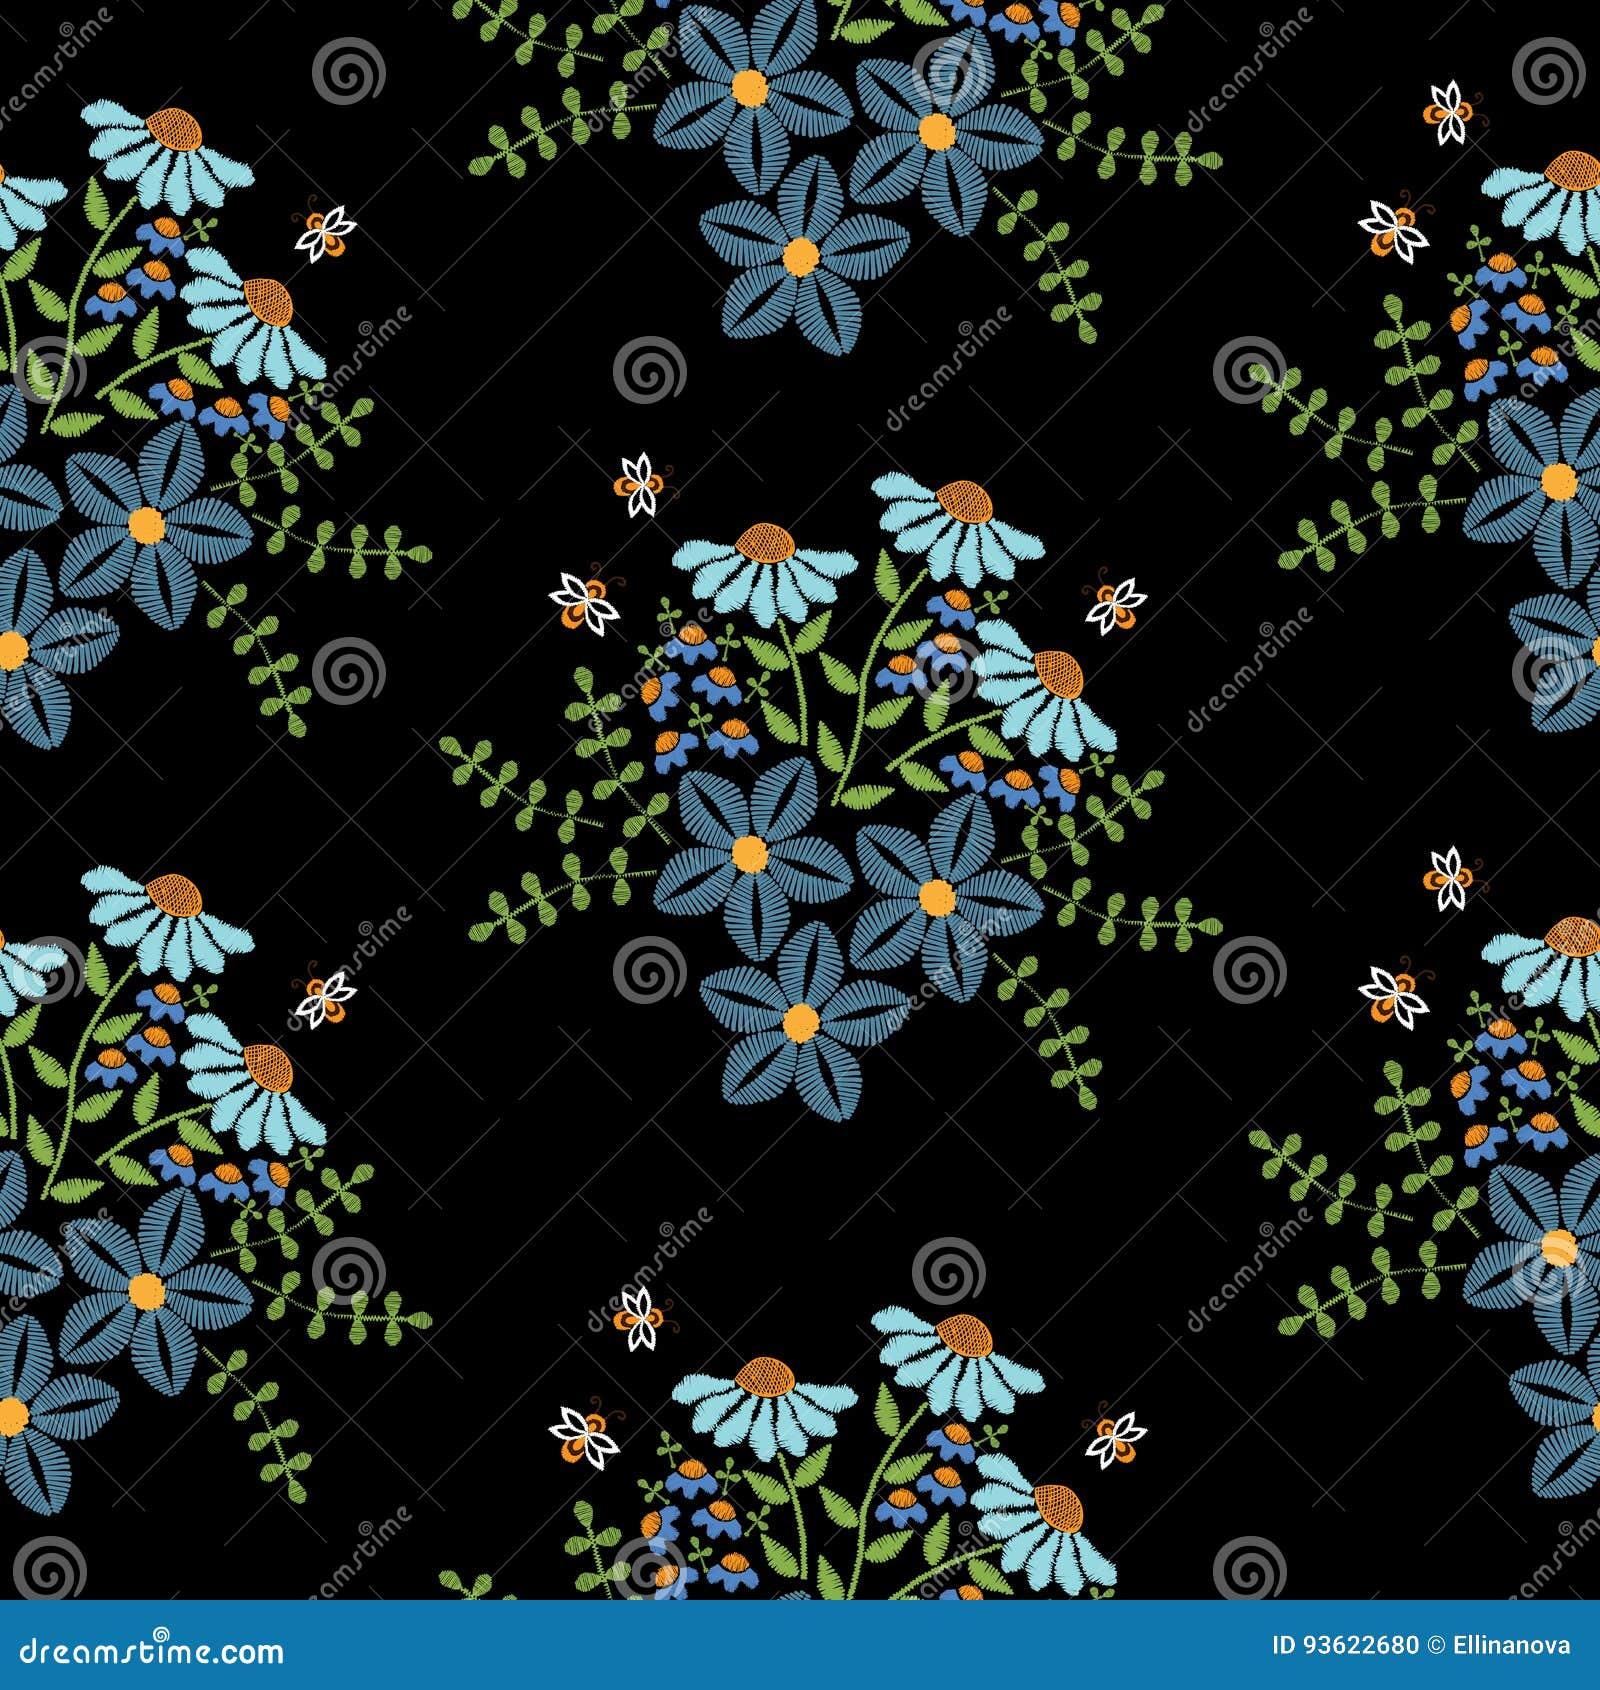 El Modelo Inconsutil Con Bordado Cose La Flor Azul De Imitacion